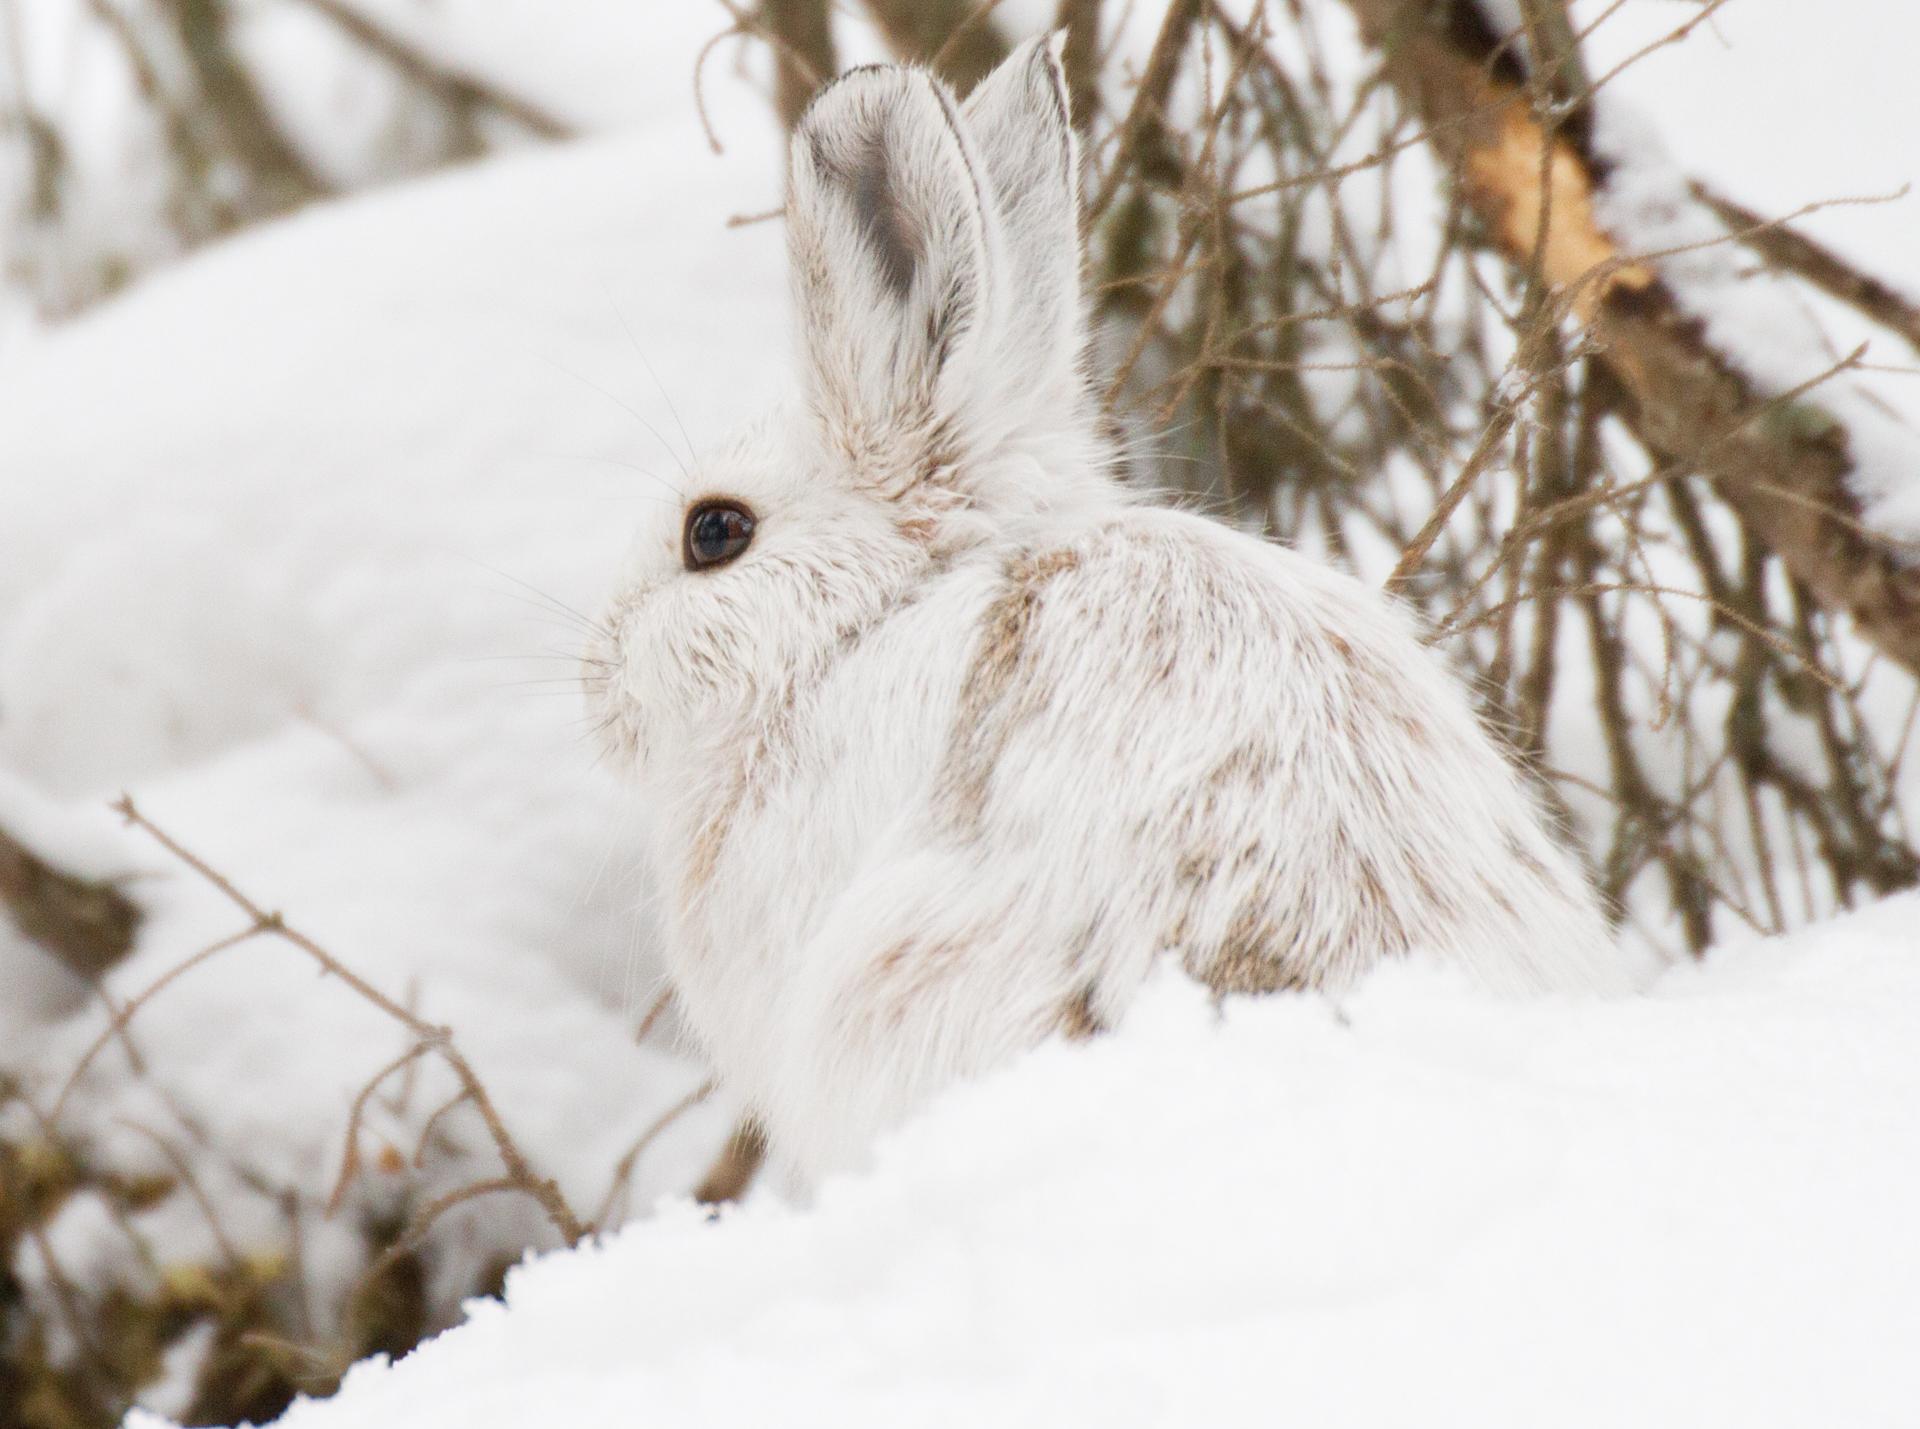 Snowshoe Hare Warren Nelson Memorial Bog Sax-Zim Bog MN IMG_0788